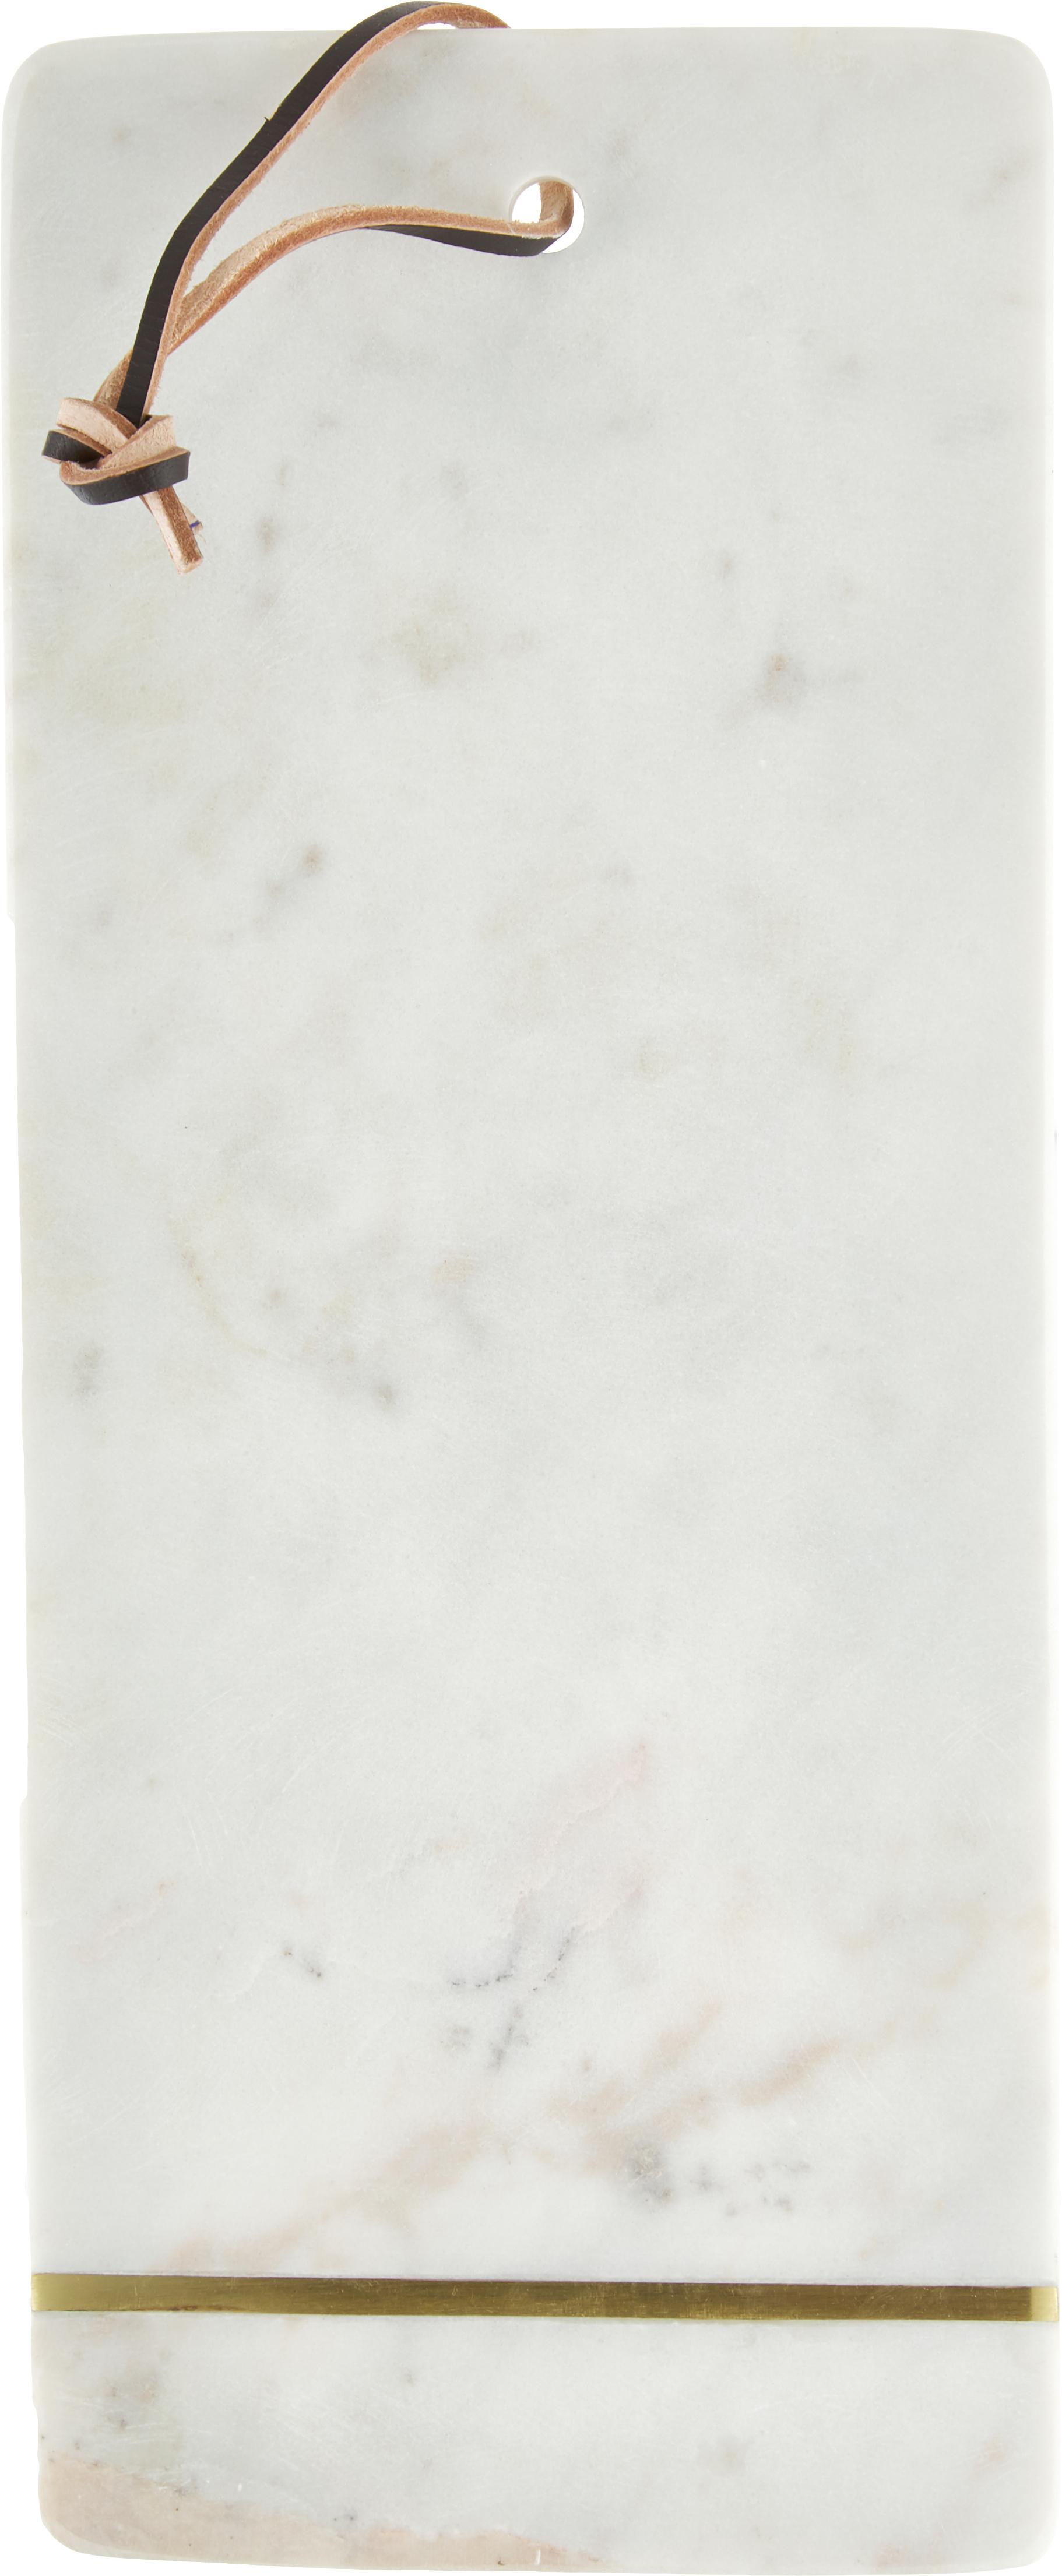 Marmeren snijplank Strip, Ophanglus: leer, Wit, goudkleurig, B 37 x D 15 cm